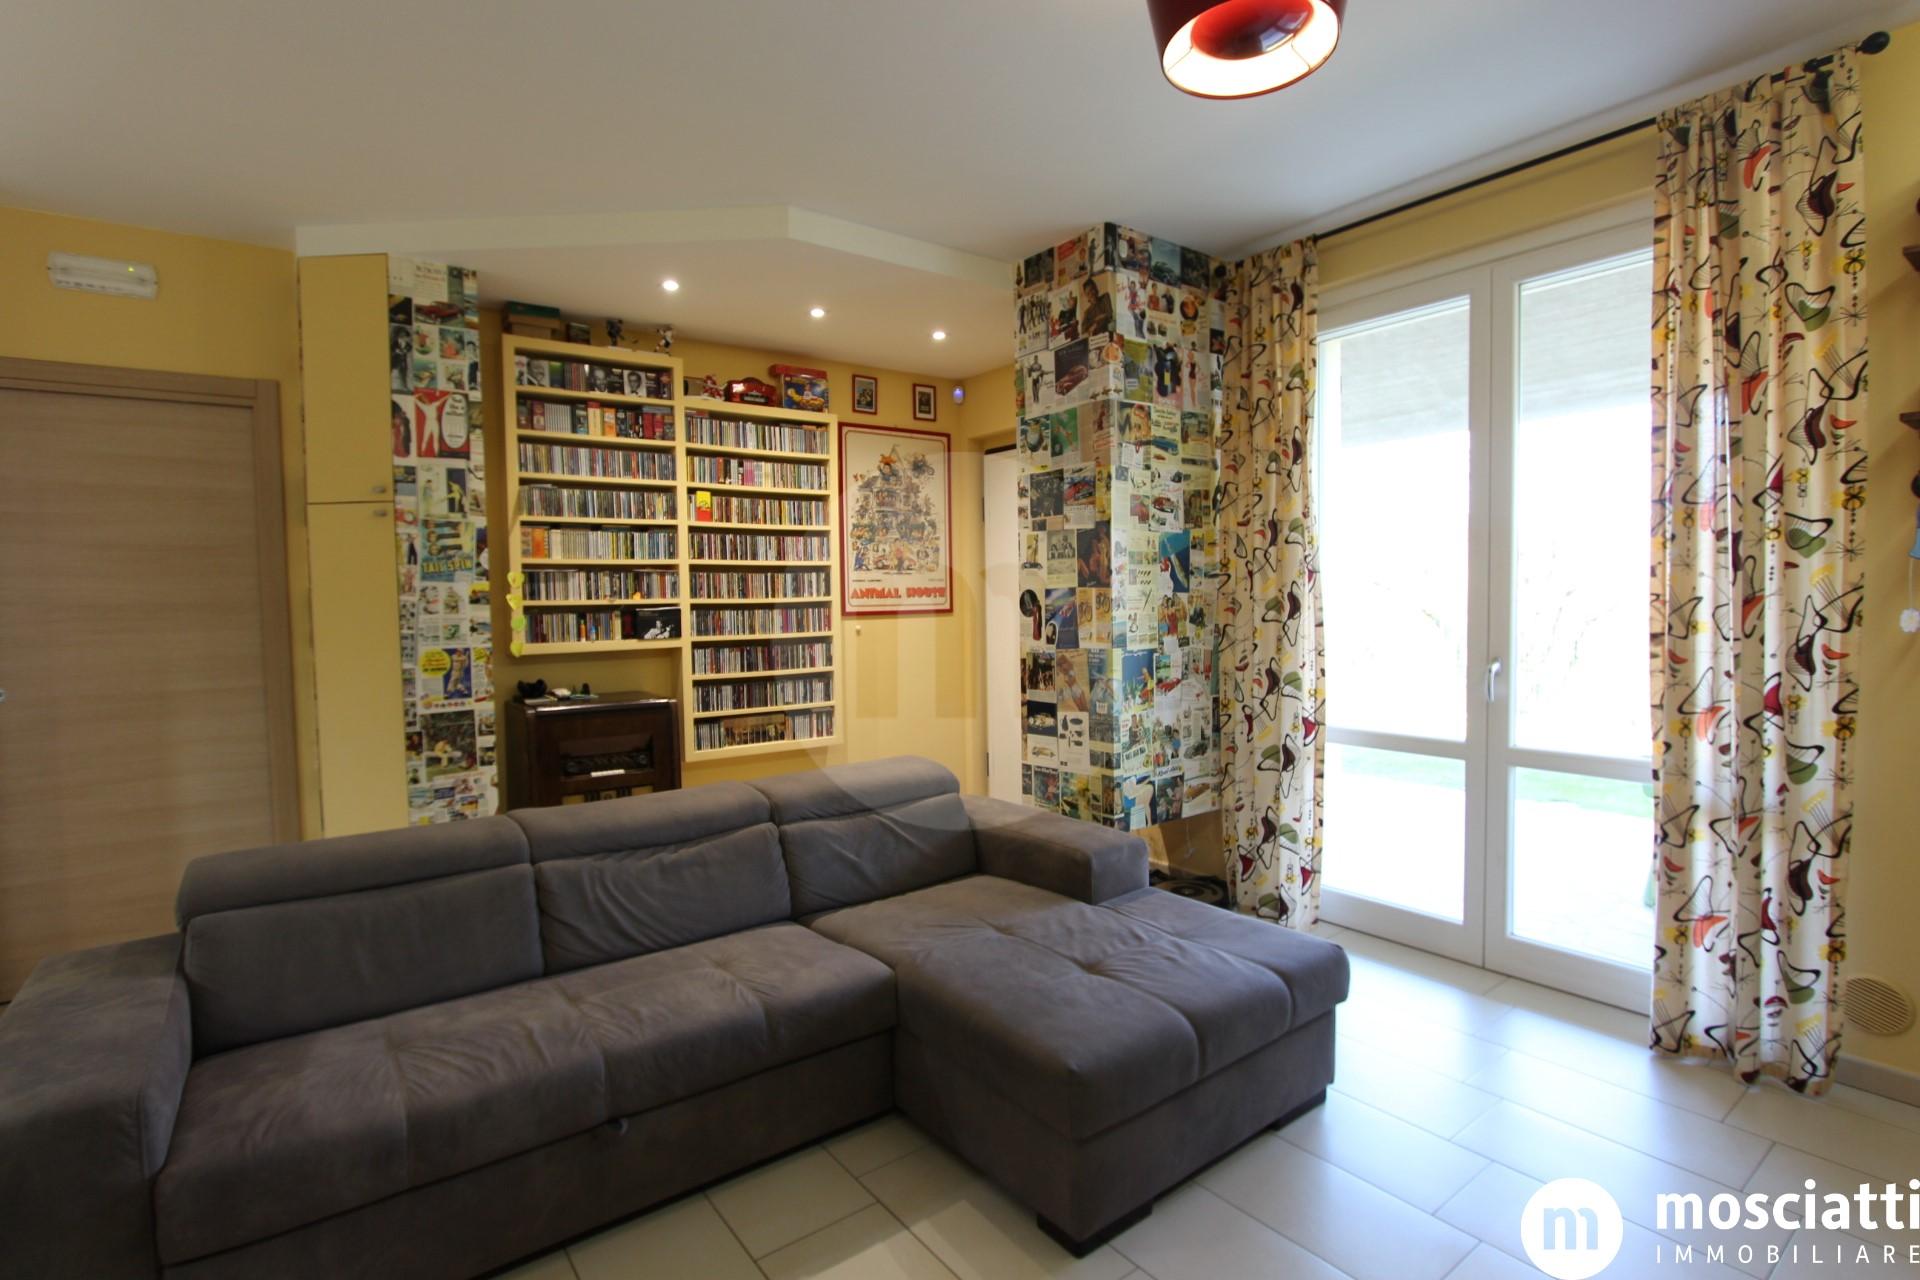 Matelica, Sainale, in Via Pirandello, vendesi appartamento con ingresso indipendente - 1